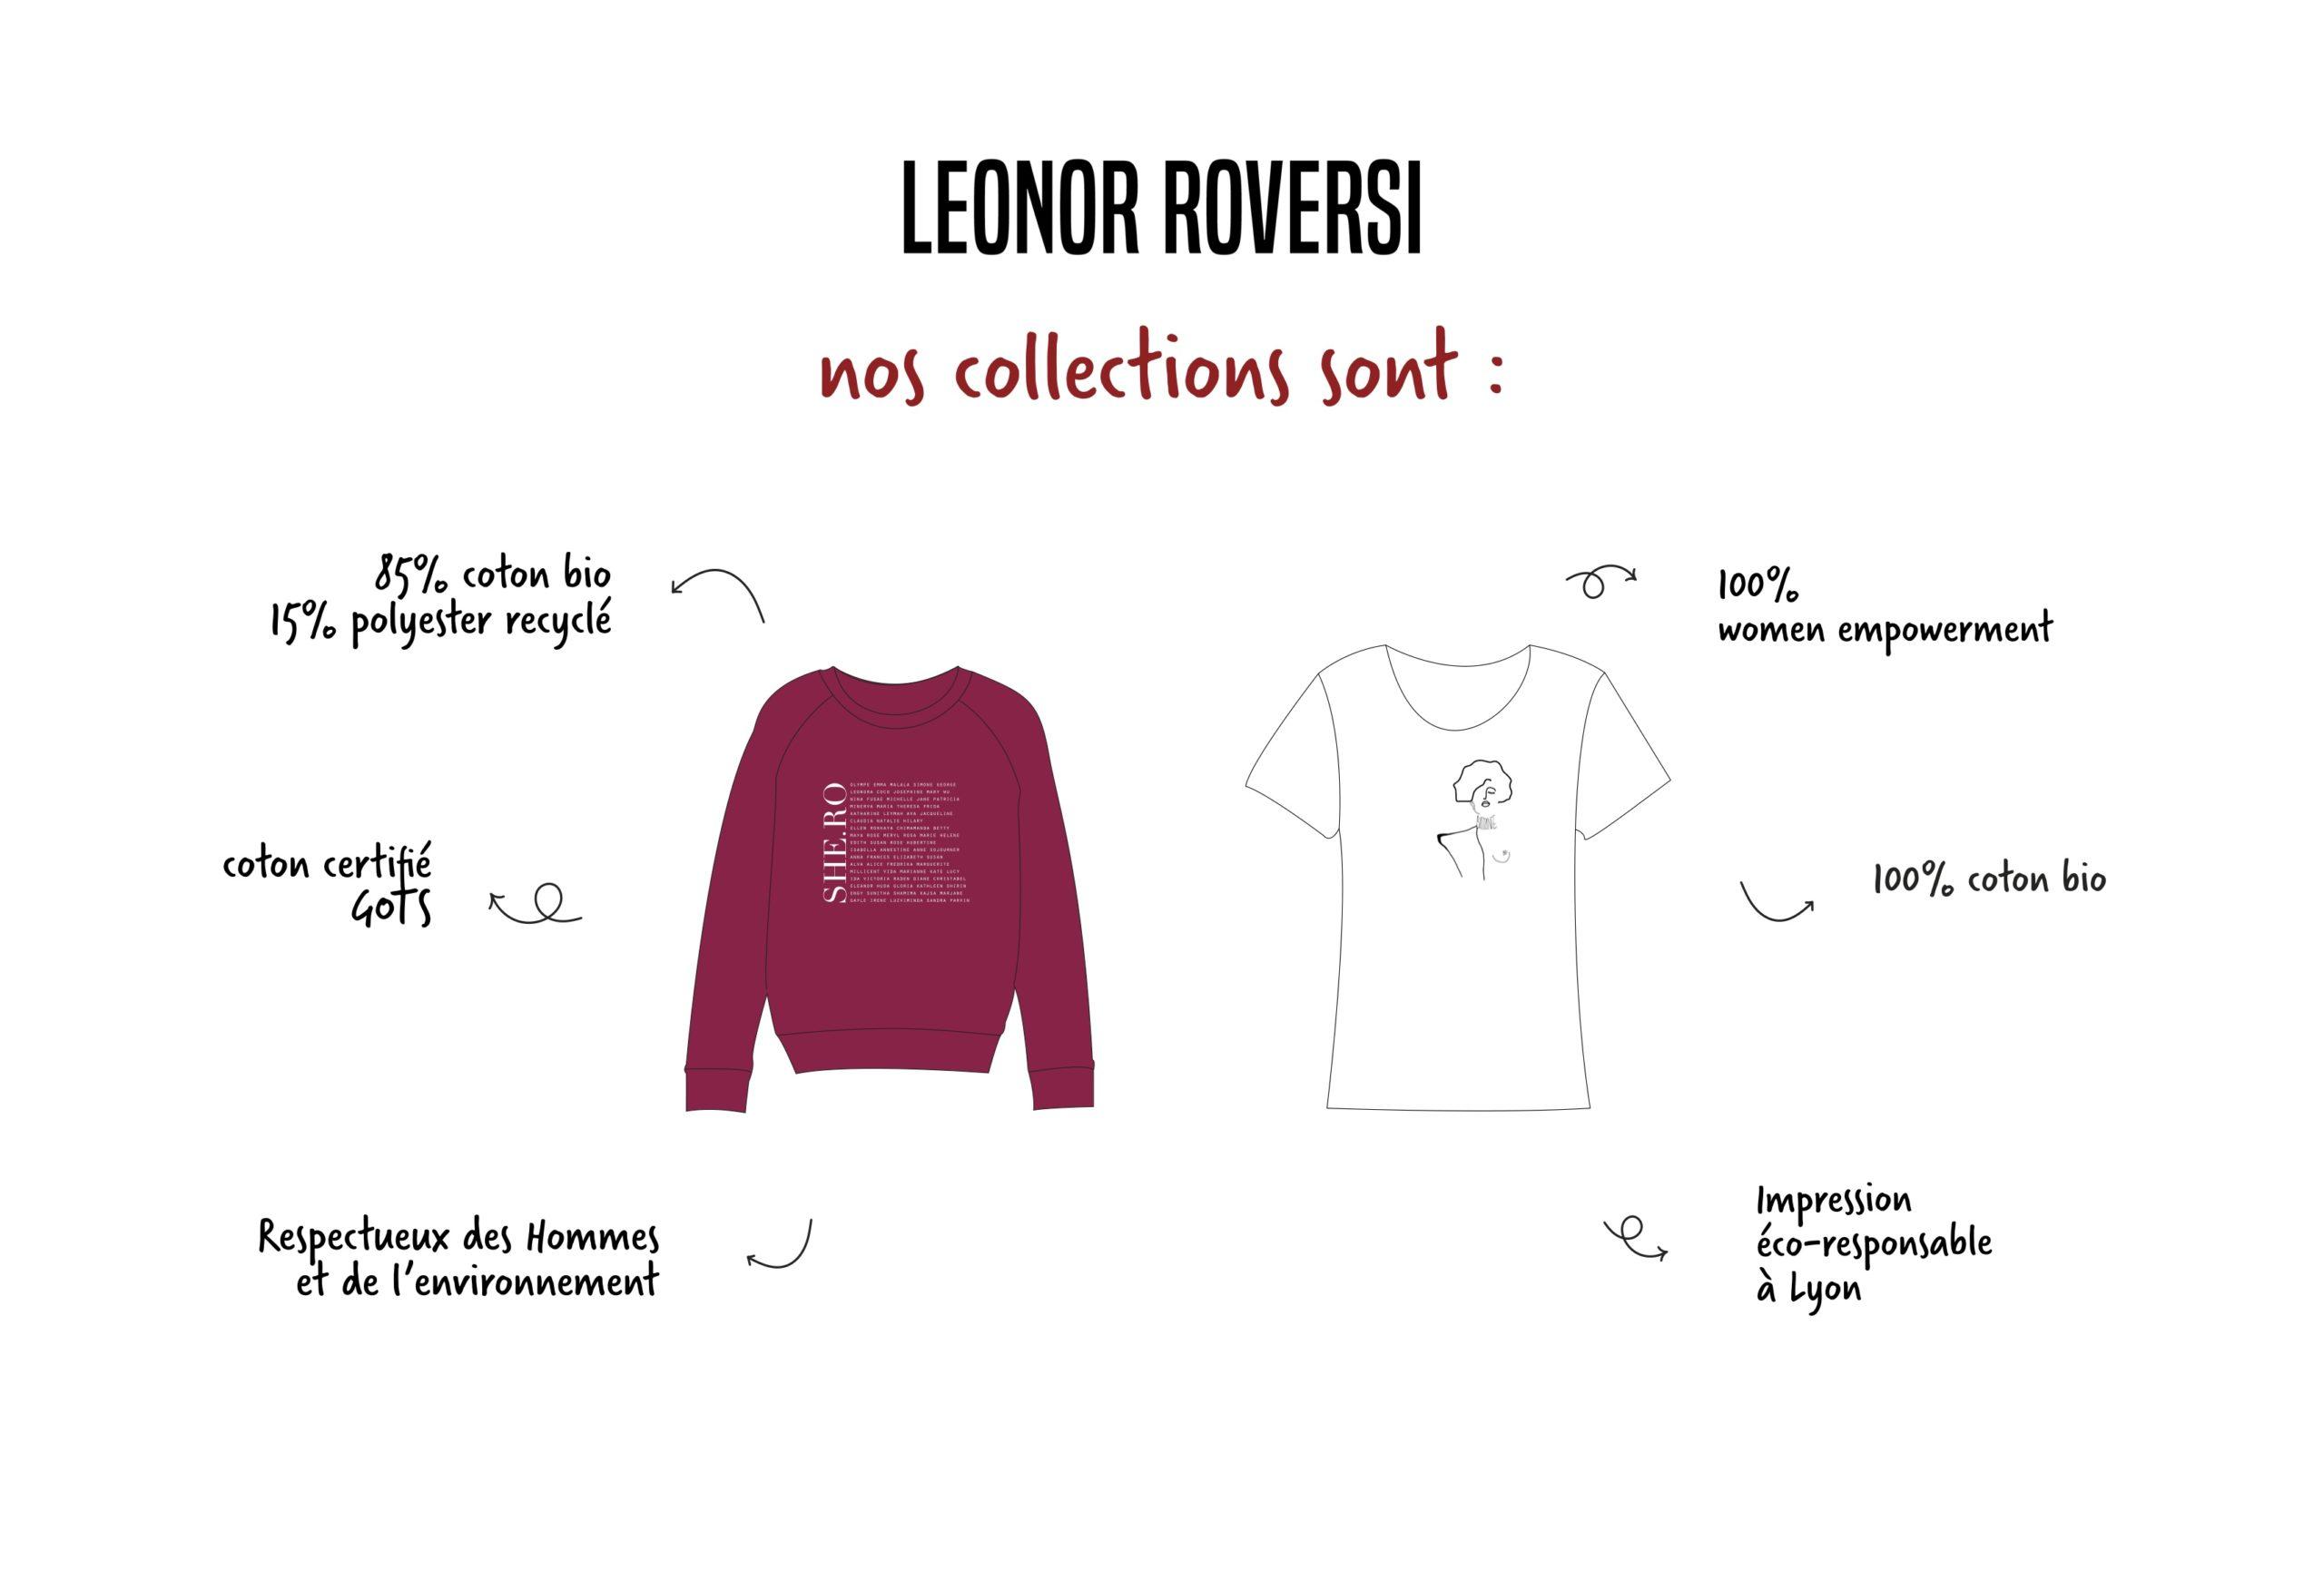 Image avec un tshirt et un sweatshirt Leonor Roversi, une marque éco-responsable et engagée